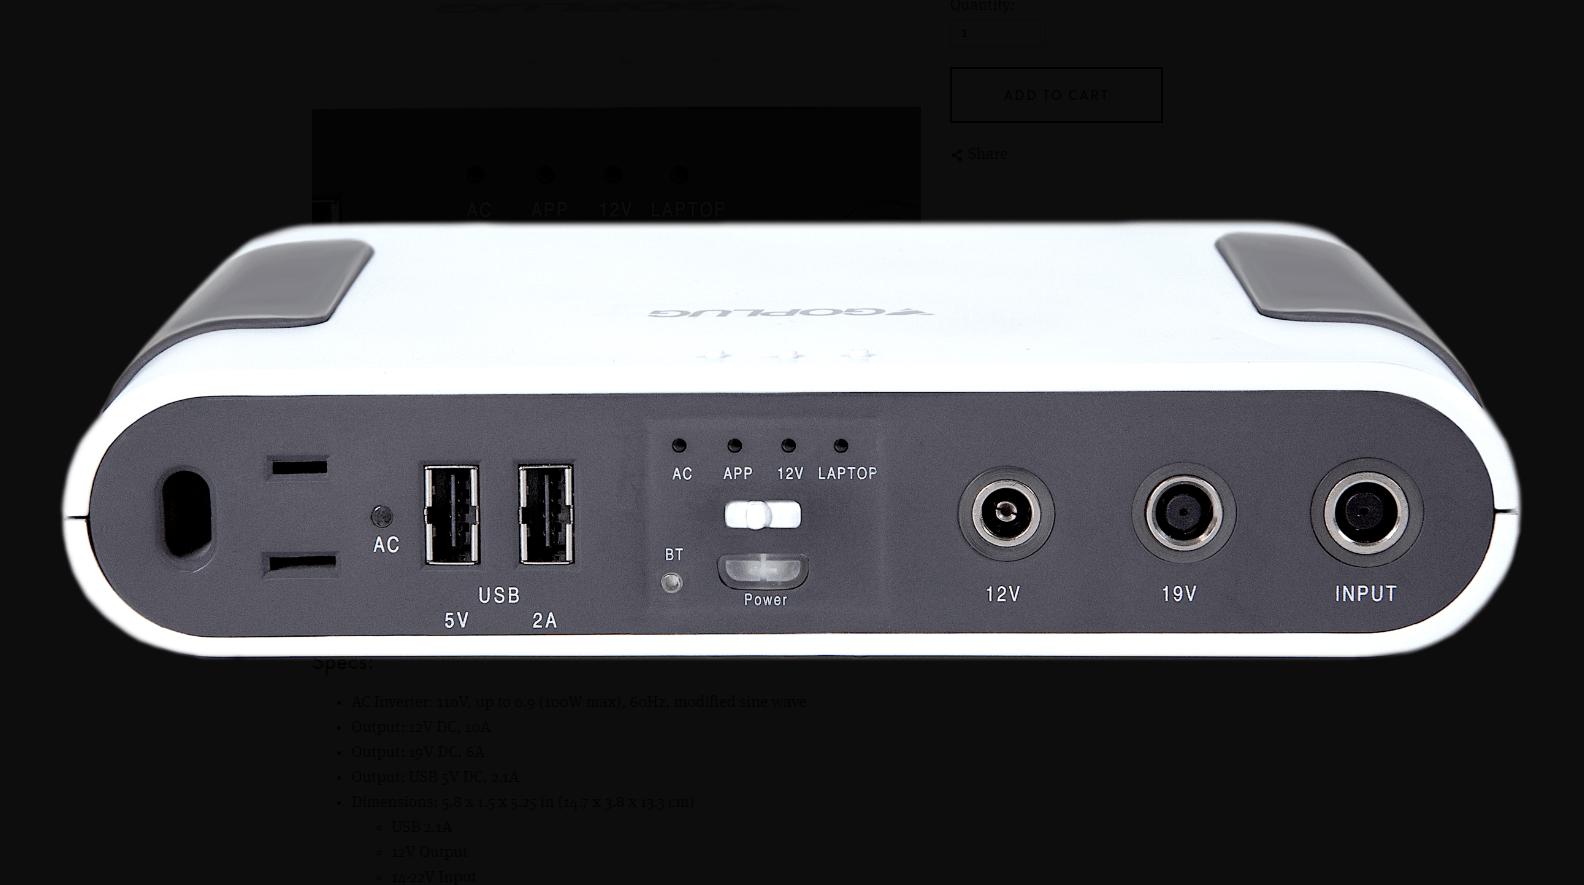 可能係最強「尿袋」可插110V電掣兼為Notebook、電話叉電